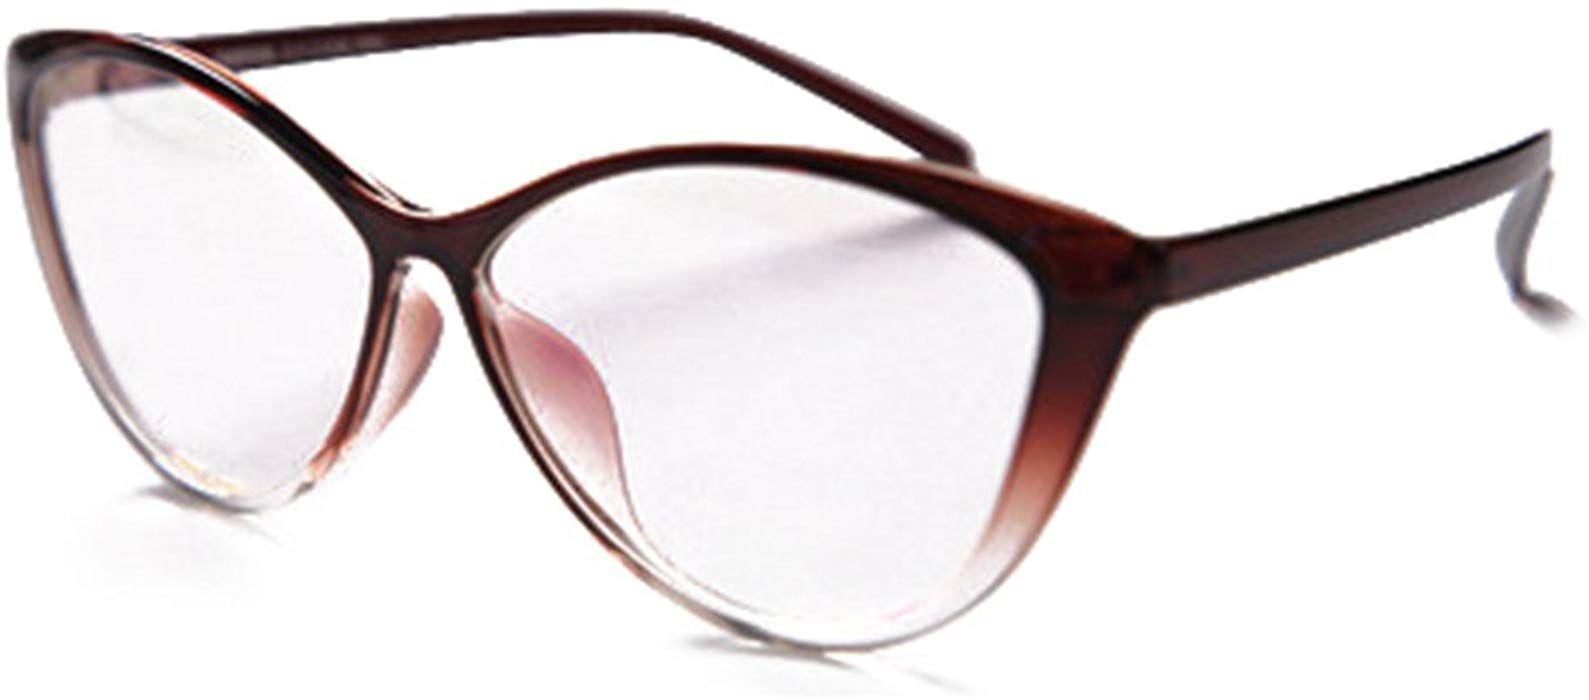 7c731fdd6e417 Hibote Hombres Mujeres Gafas de Ojo de Gato - Gafas de Lentes Transparentes  Gafas - Gafas